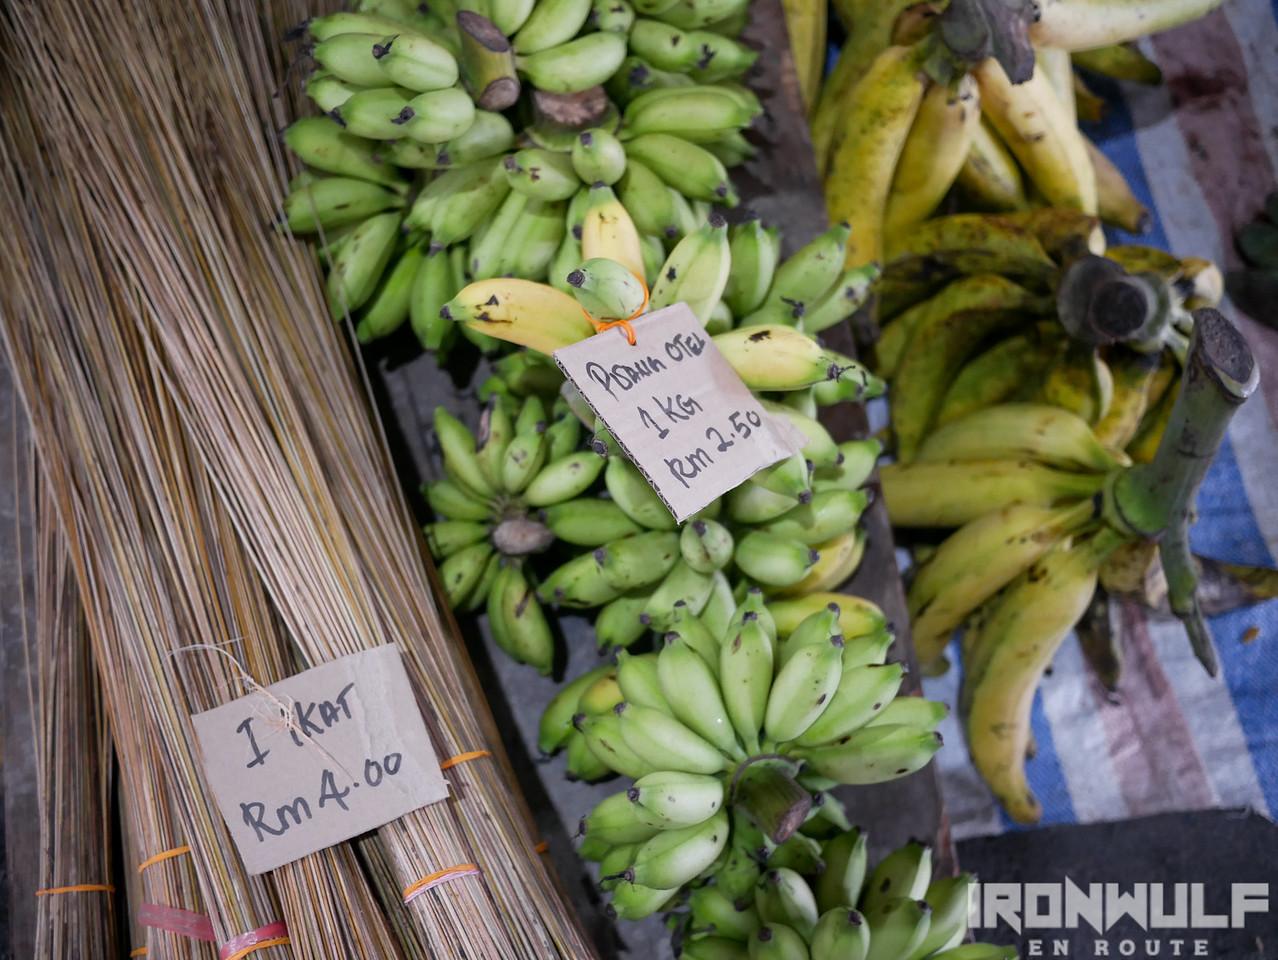 Fruits and walis